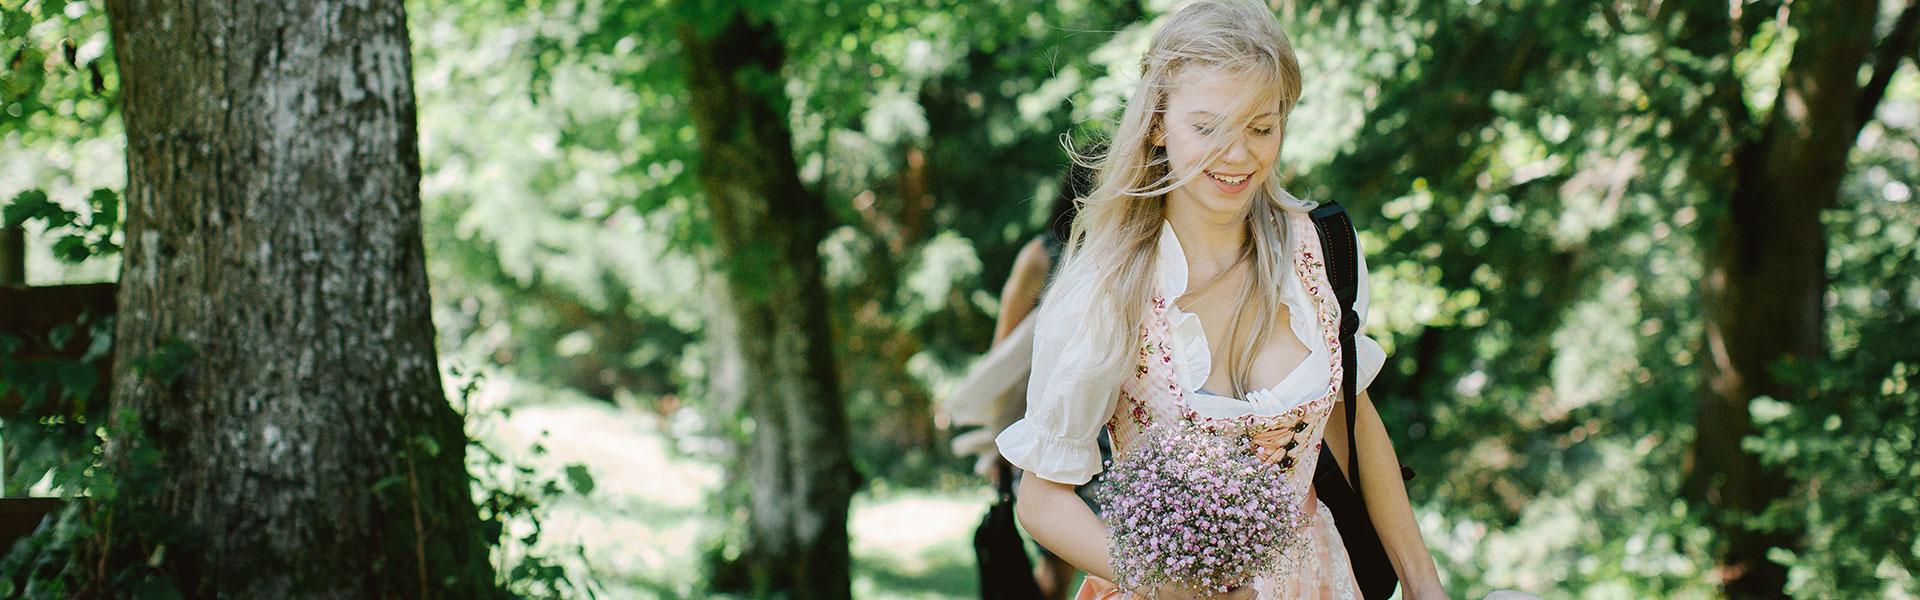 Brautstrauß aus rosa Schleierkraut, Dirndl zur Hochzeit, Hochzeitshelfer